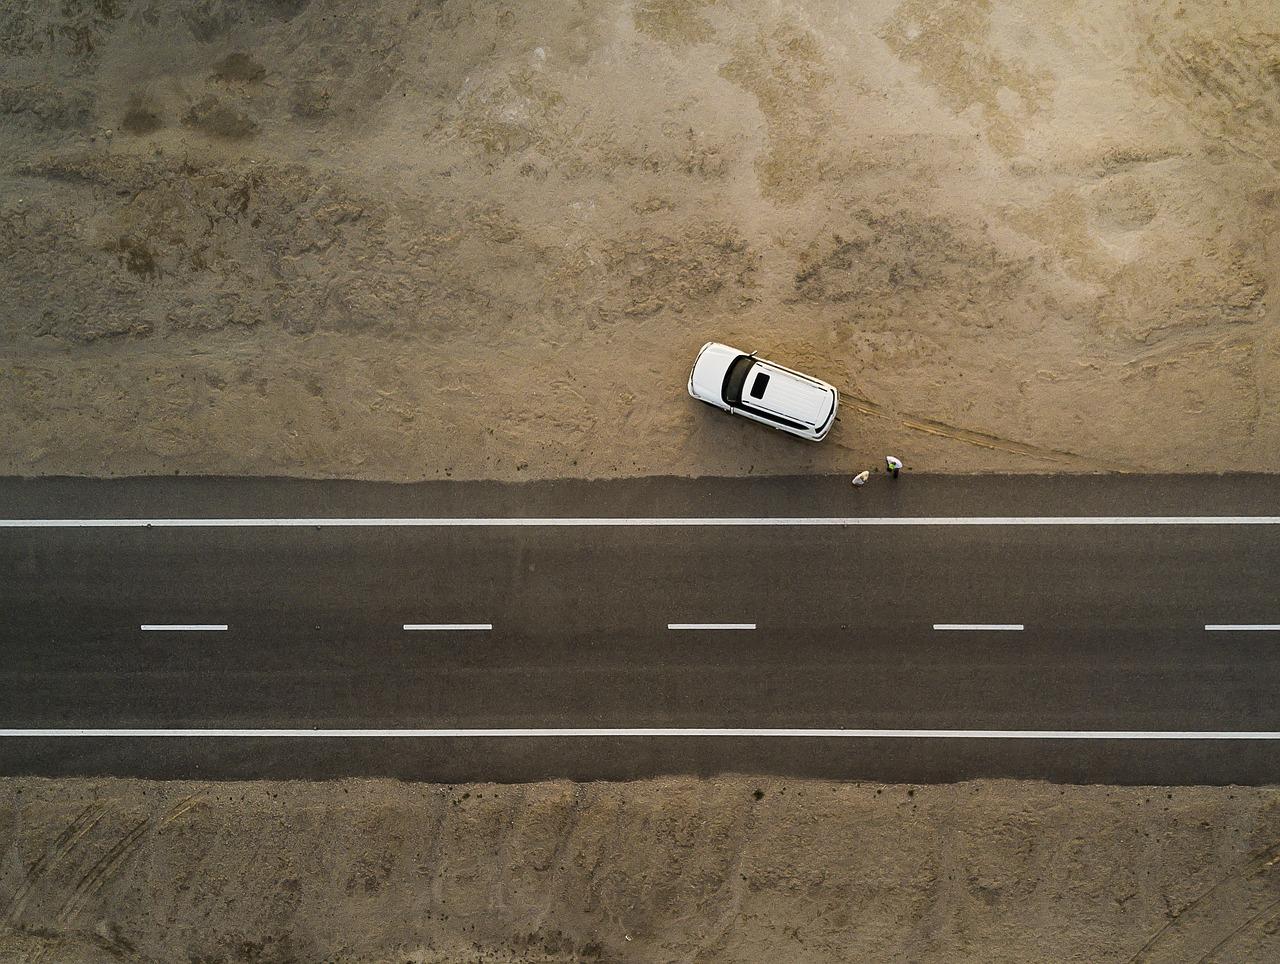 Profesjonalny serwis drogowy